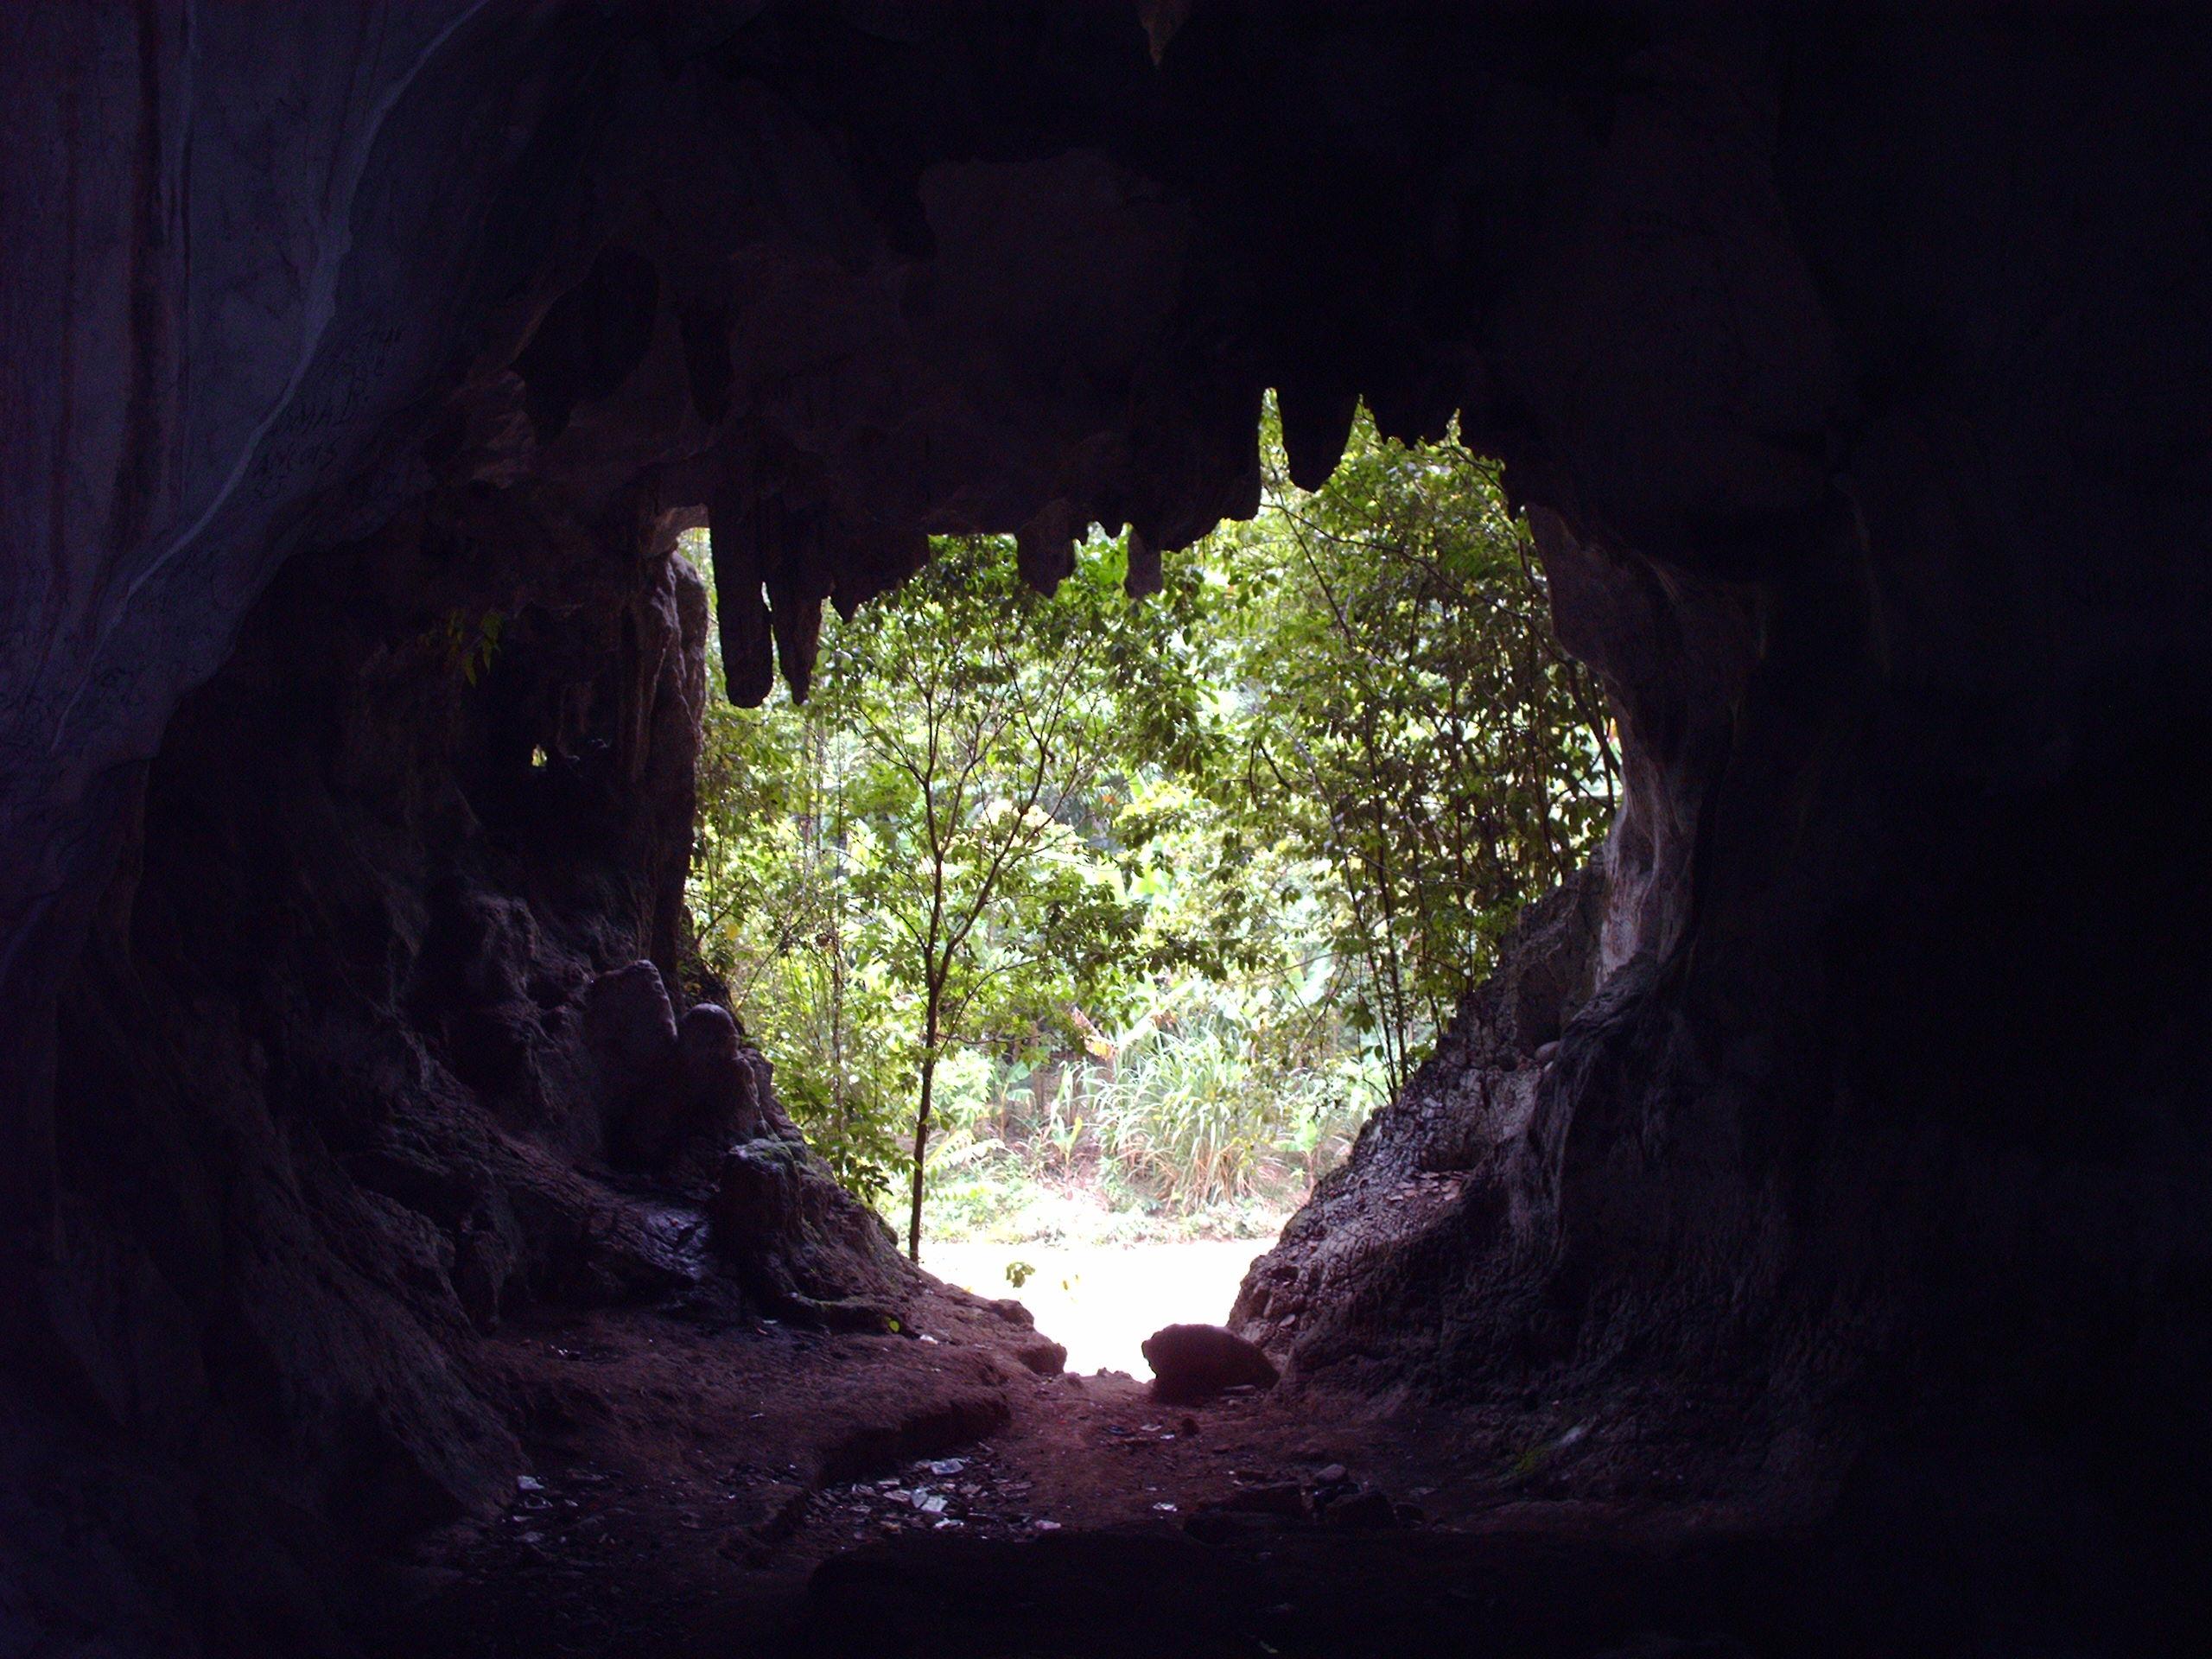 Dondon et ses grottes : la route des marrons